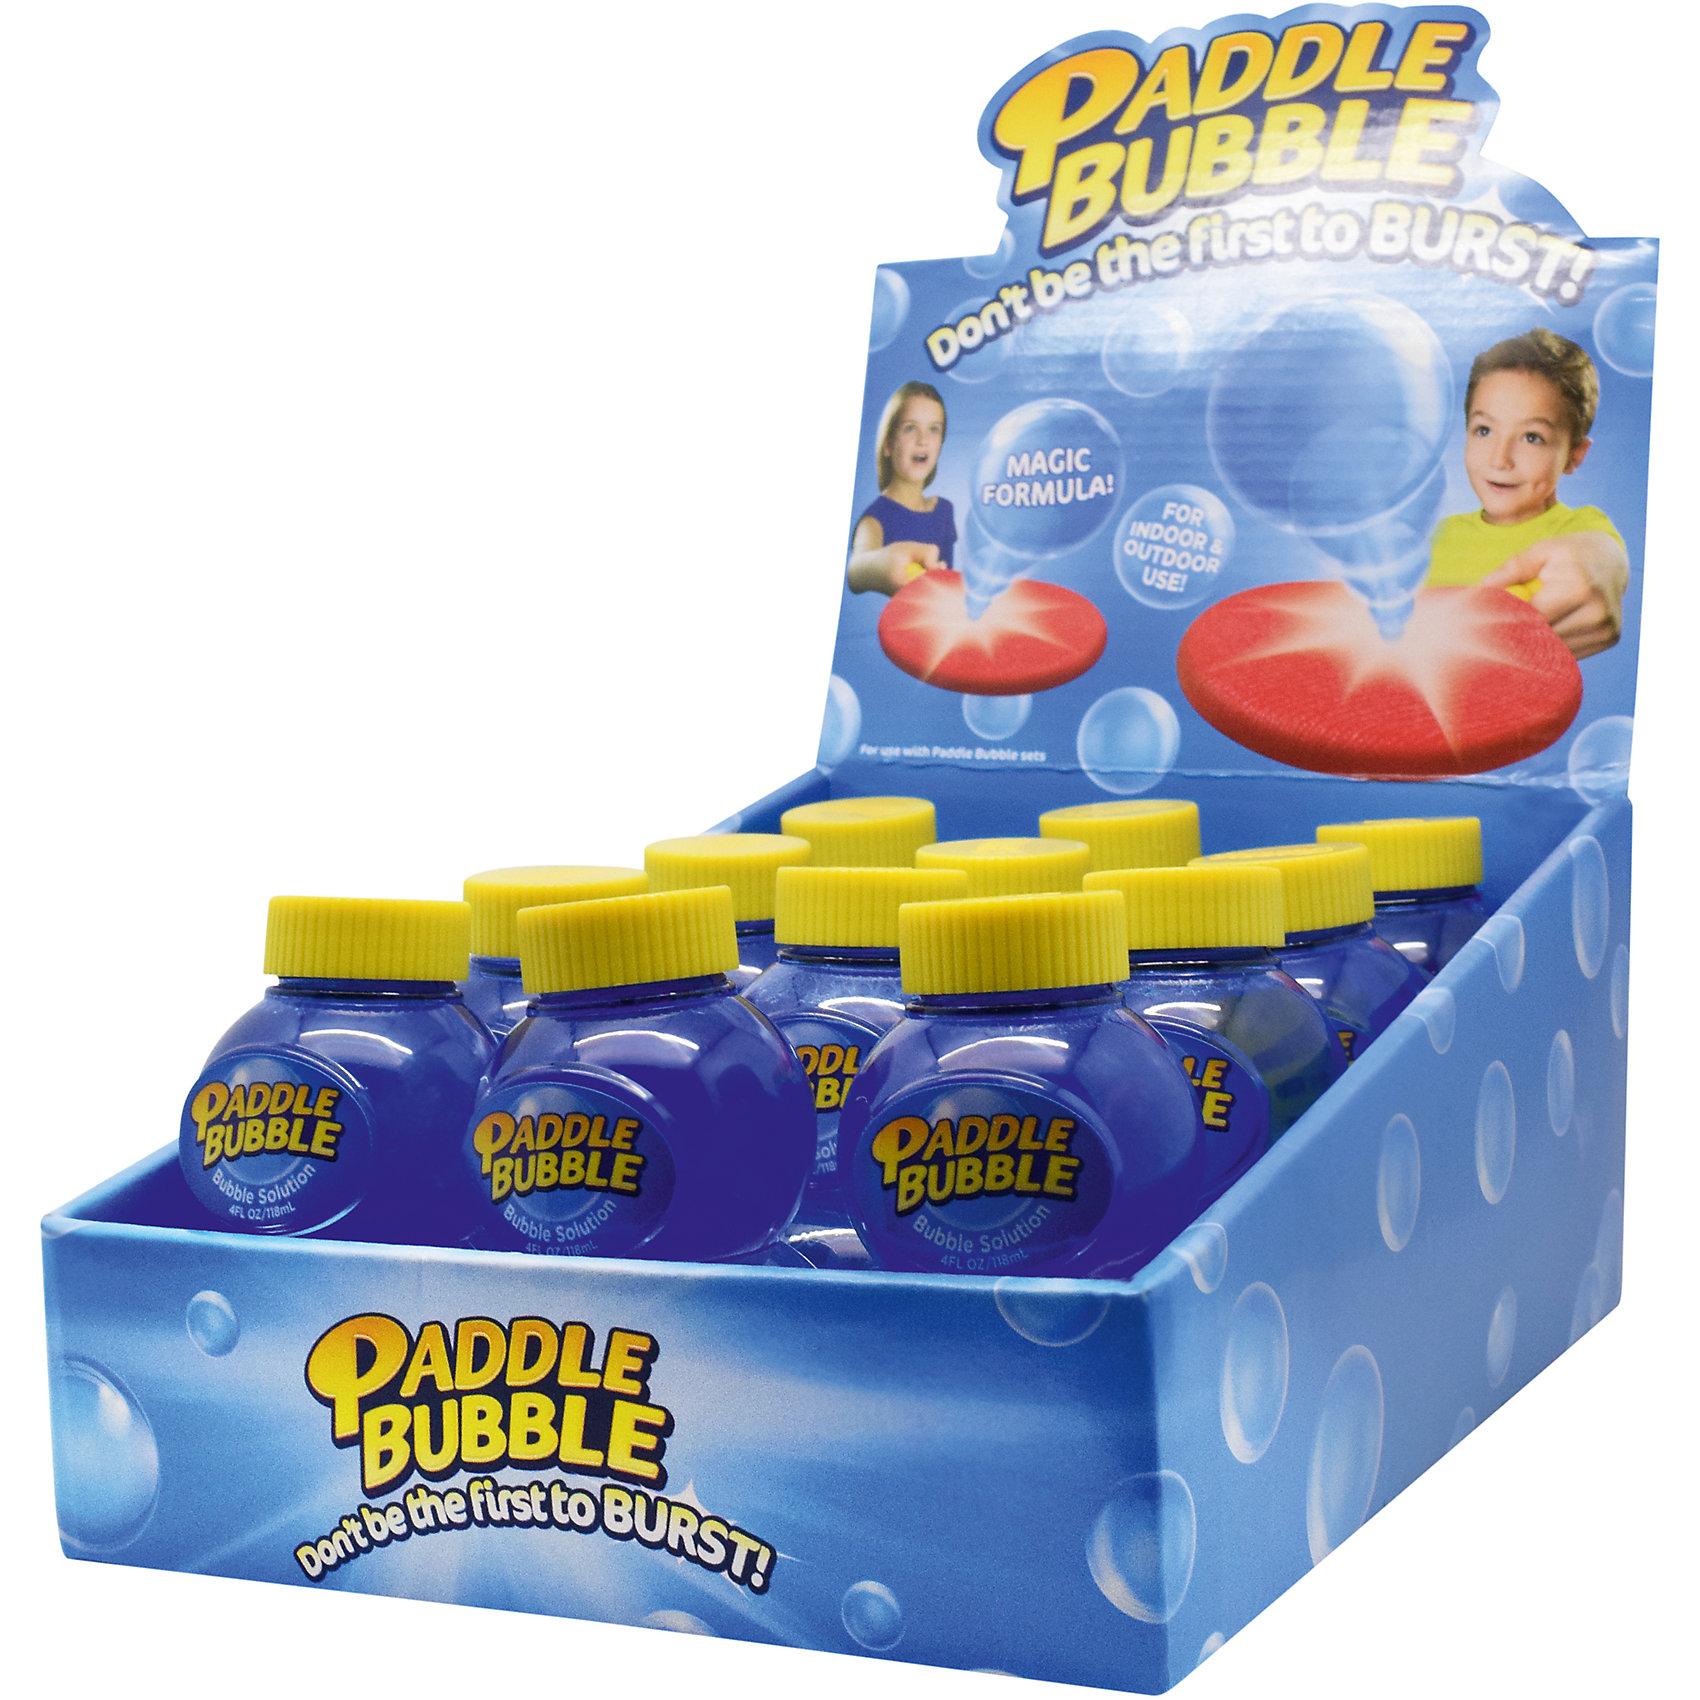 Бутылочка с мыльным раствором, 120 мл, Paddle BubbleДополнительная бутылочка с мыльным раствором, 120 мл.                                     Является дополнительным оборудованием для основного набора и не является игрушкой сама по себе!<br><br>Ширина мм: 50<br>Глубина мм: 90<br>Высота мм: 50<br>Вес г: 156<br>Возраст от месяцев: 48<br>Возраст до месяцев: 2147483647<br>Пол: Унисекс<br>Возраст: Детский<br>SKU: 5487514